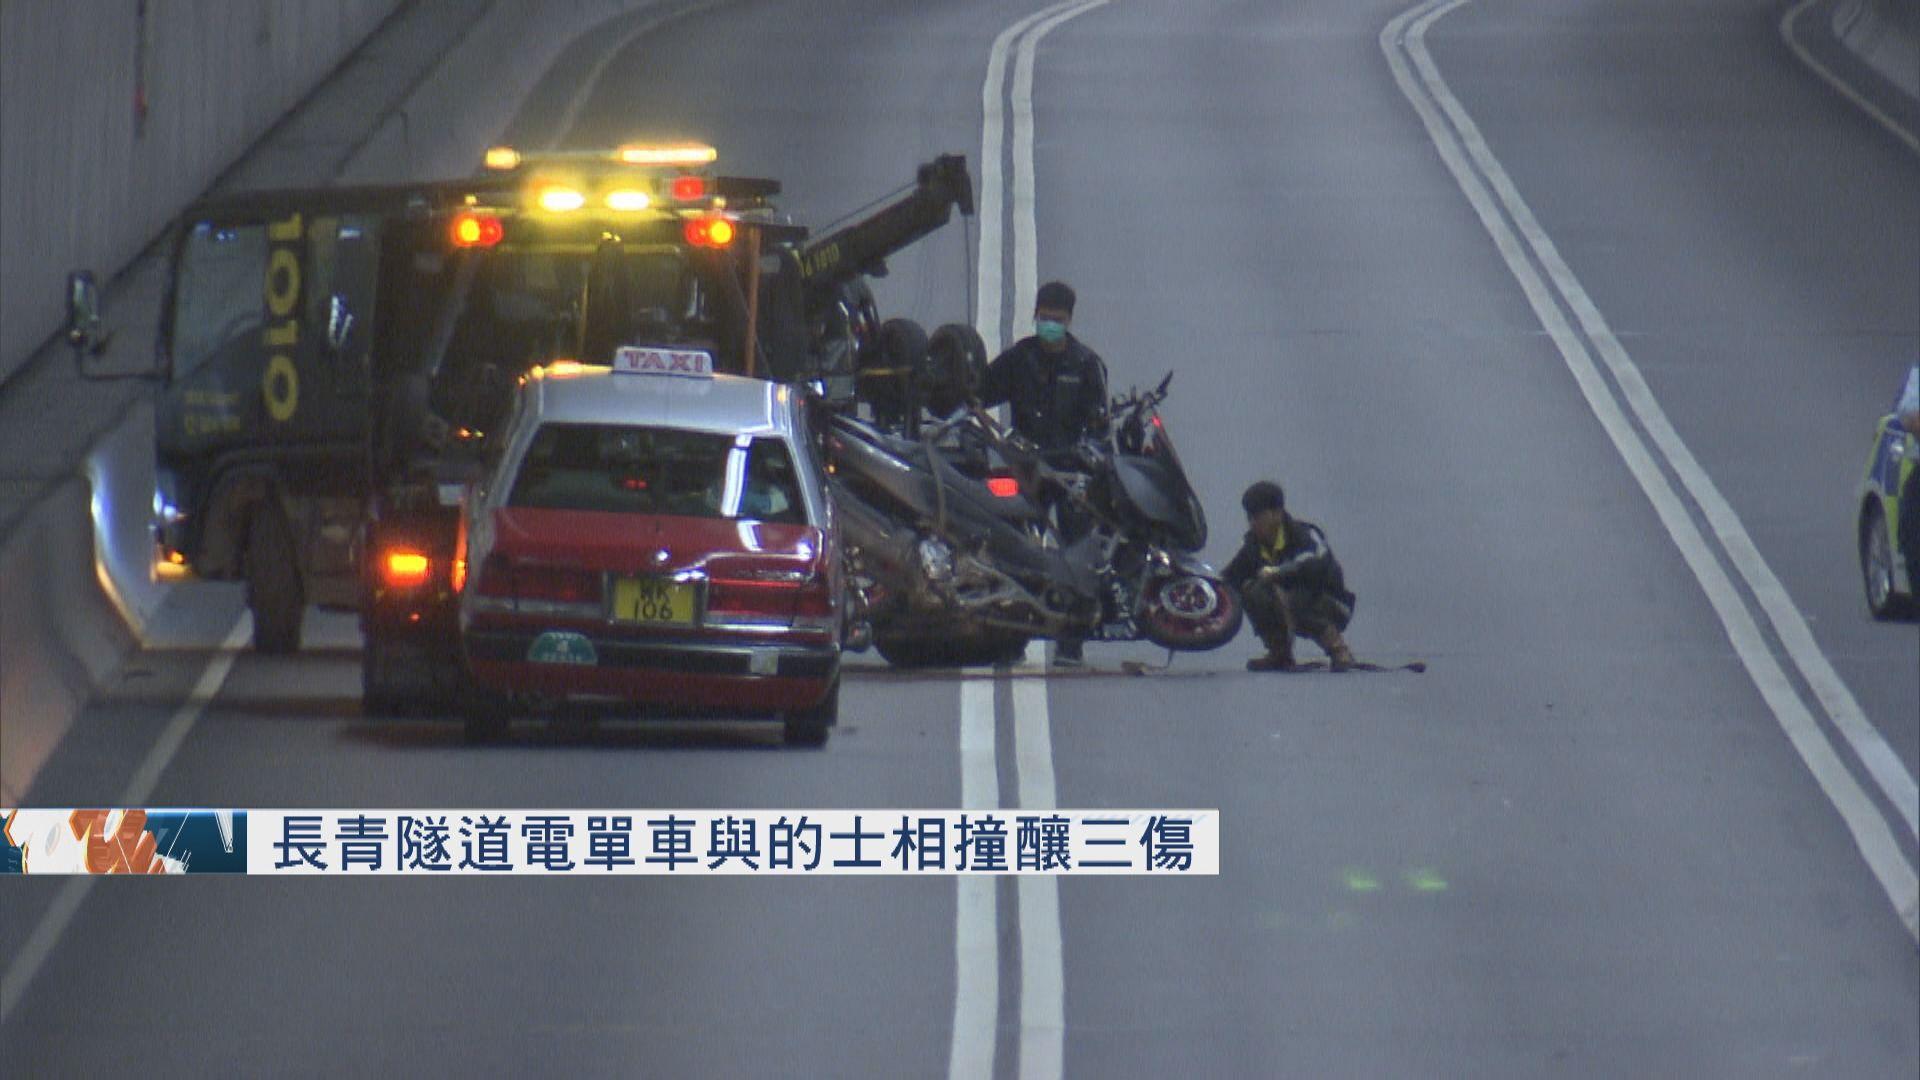 長青隧道電單車與的士相撞釀三傷